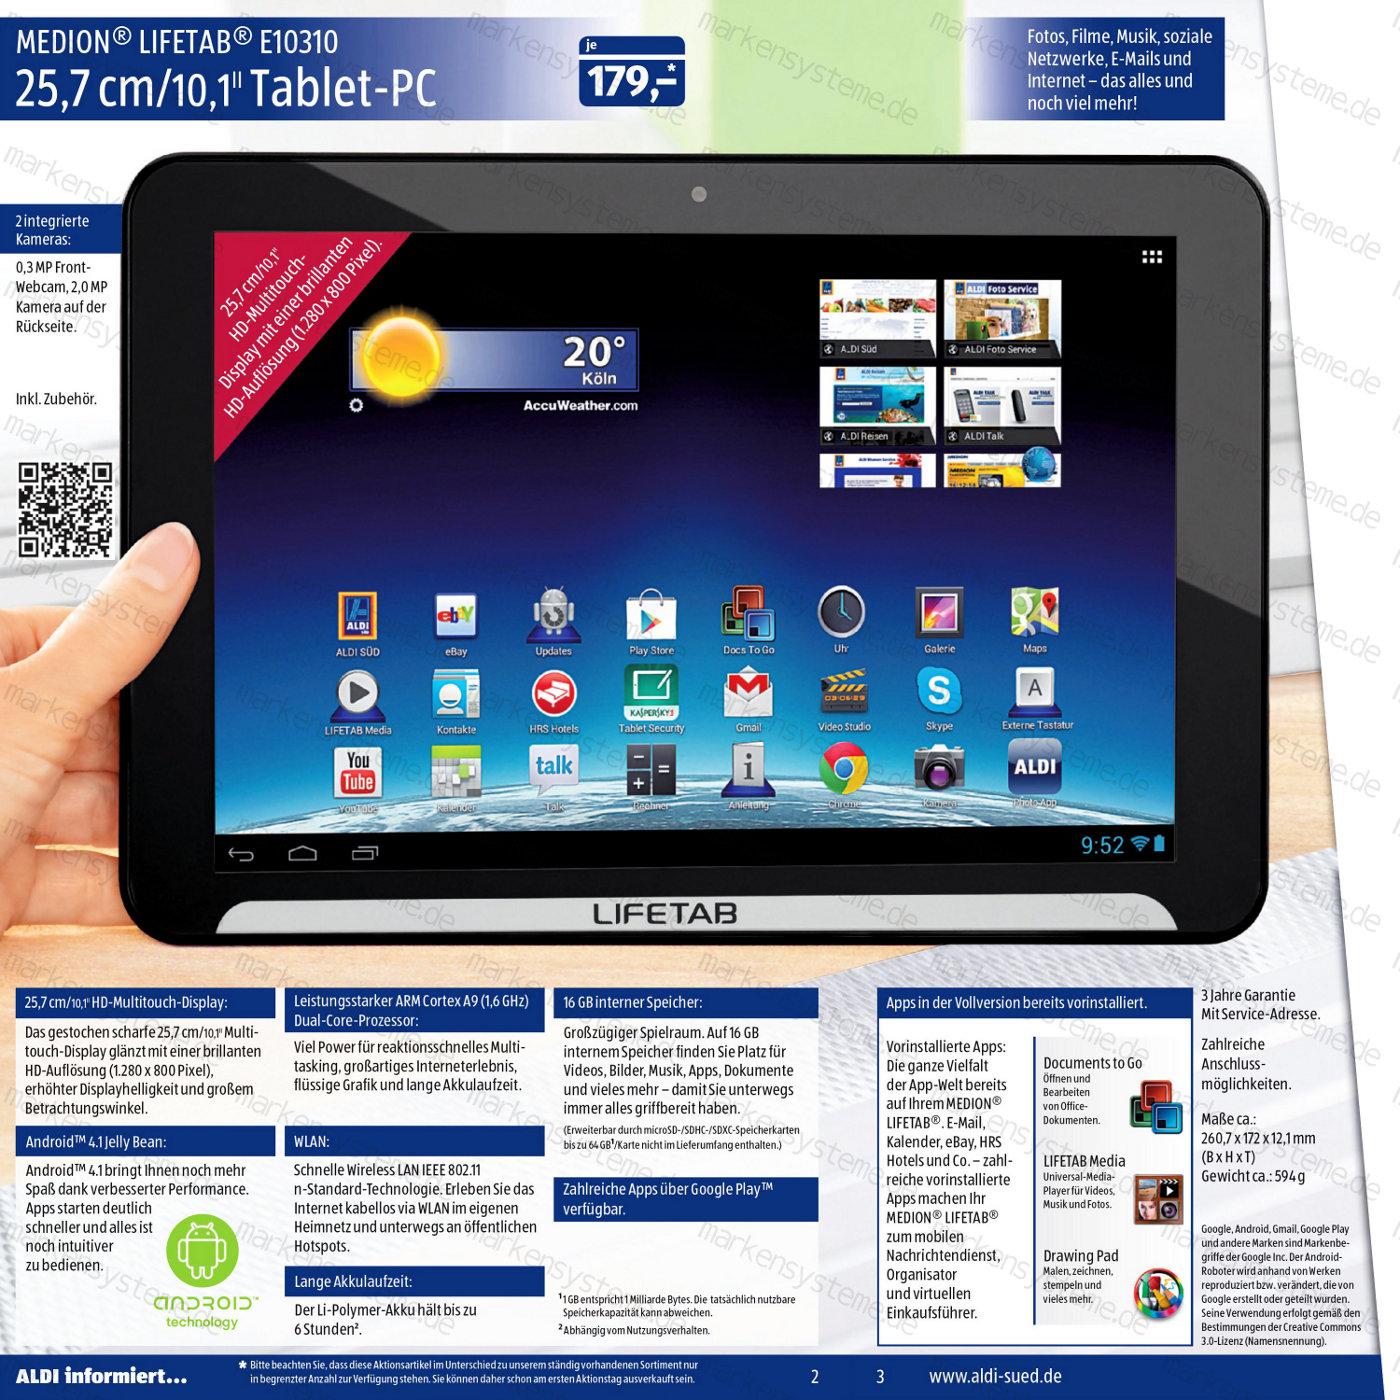 Medion Lifetab E10310 bei Aldi-Süd – 10.1inch Tablet für 179 Euro